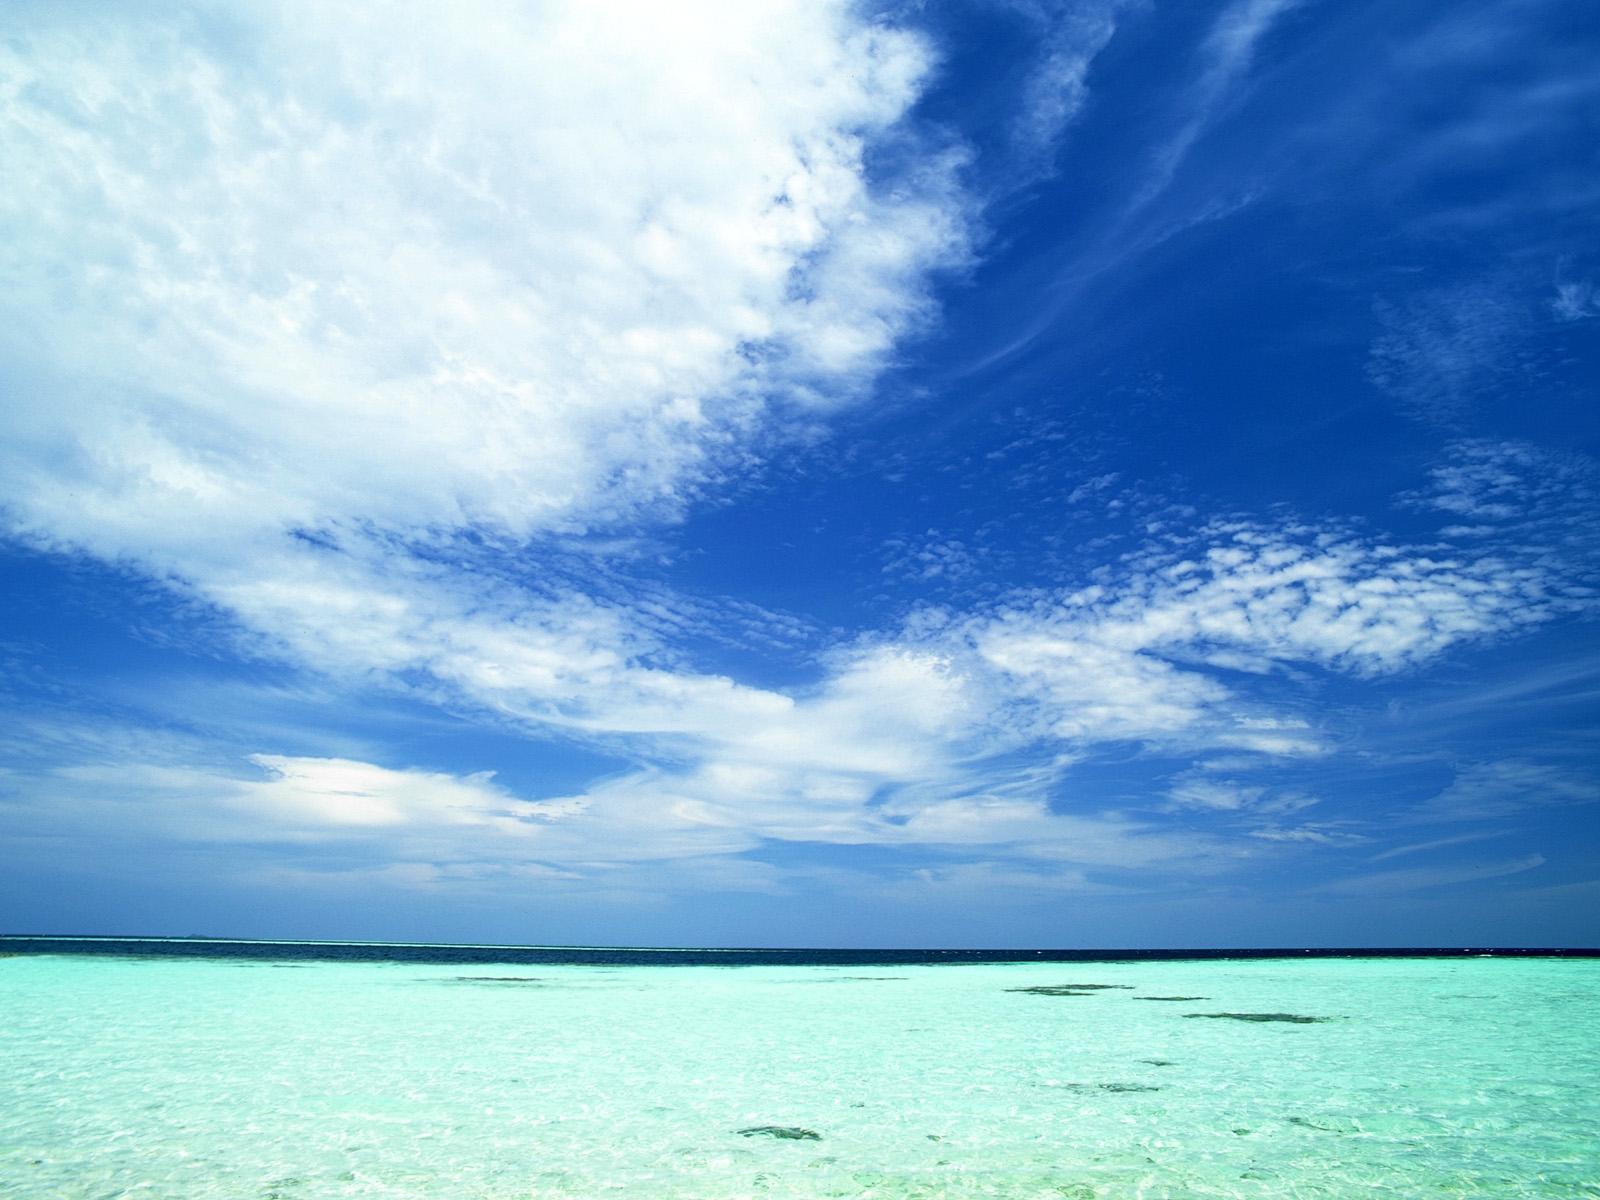 http://1.bp.blogspot.com/-Z5fxiHyath0/T8X1oiNWAlI/AAAAAAAAAdA/5P1AY4B3n0o/s1600/Beach+Wallpaper+Hd.jpg